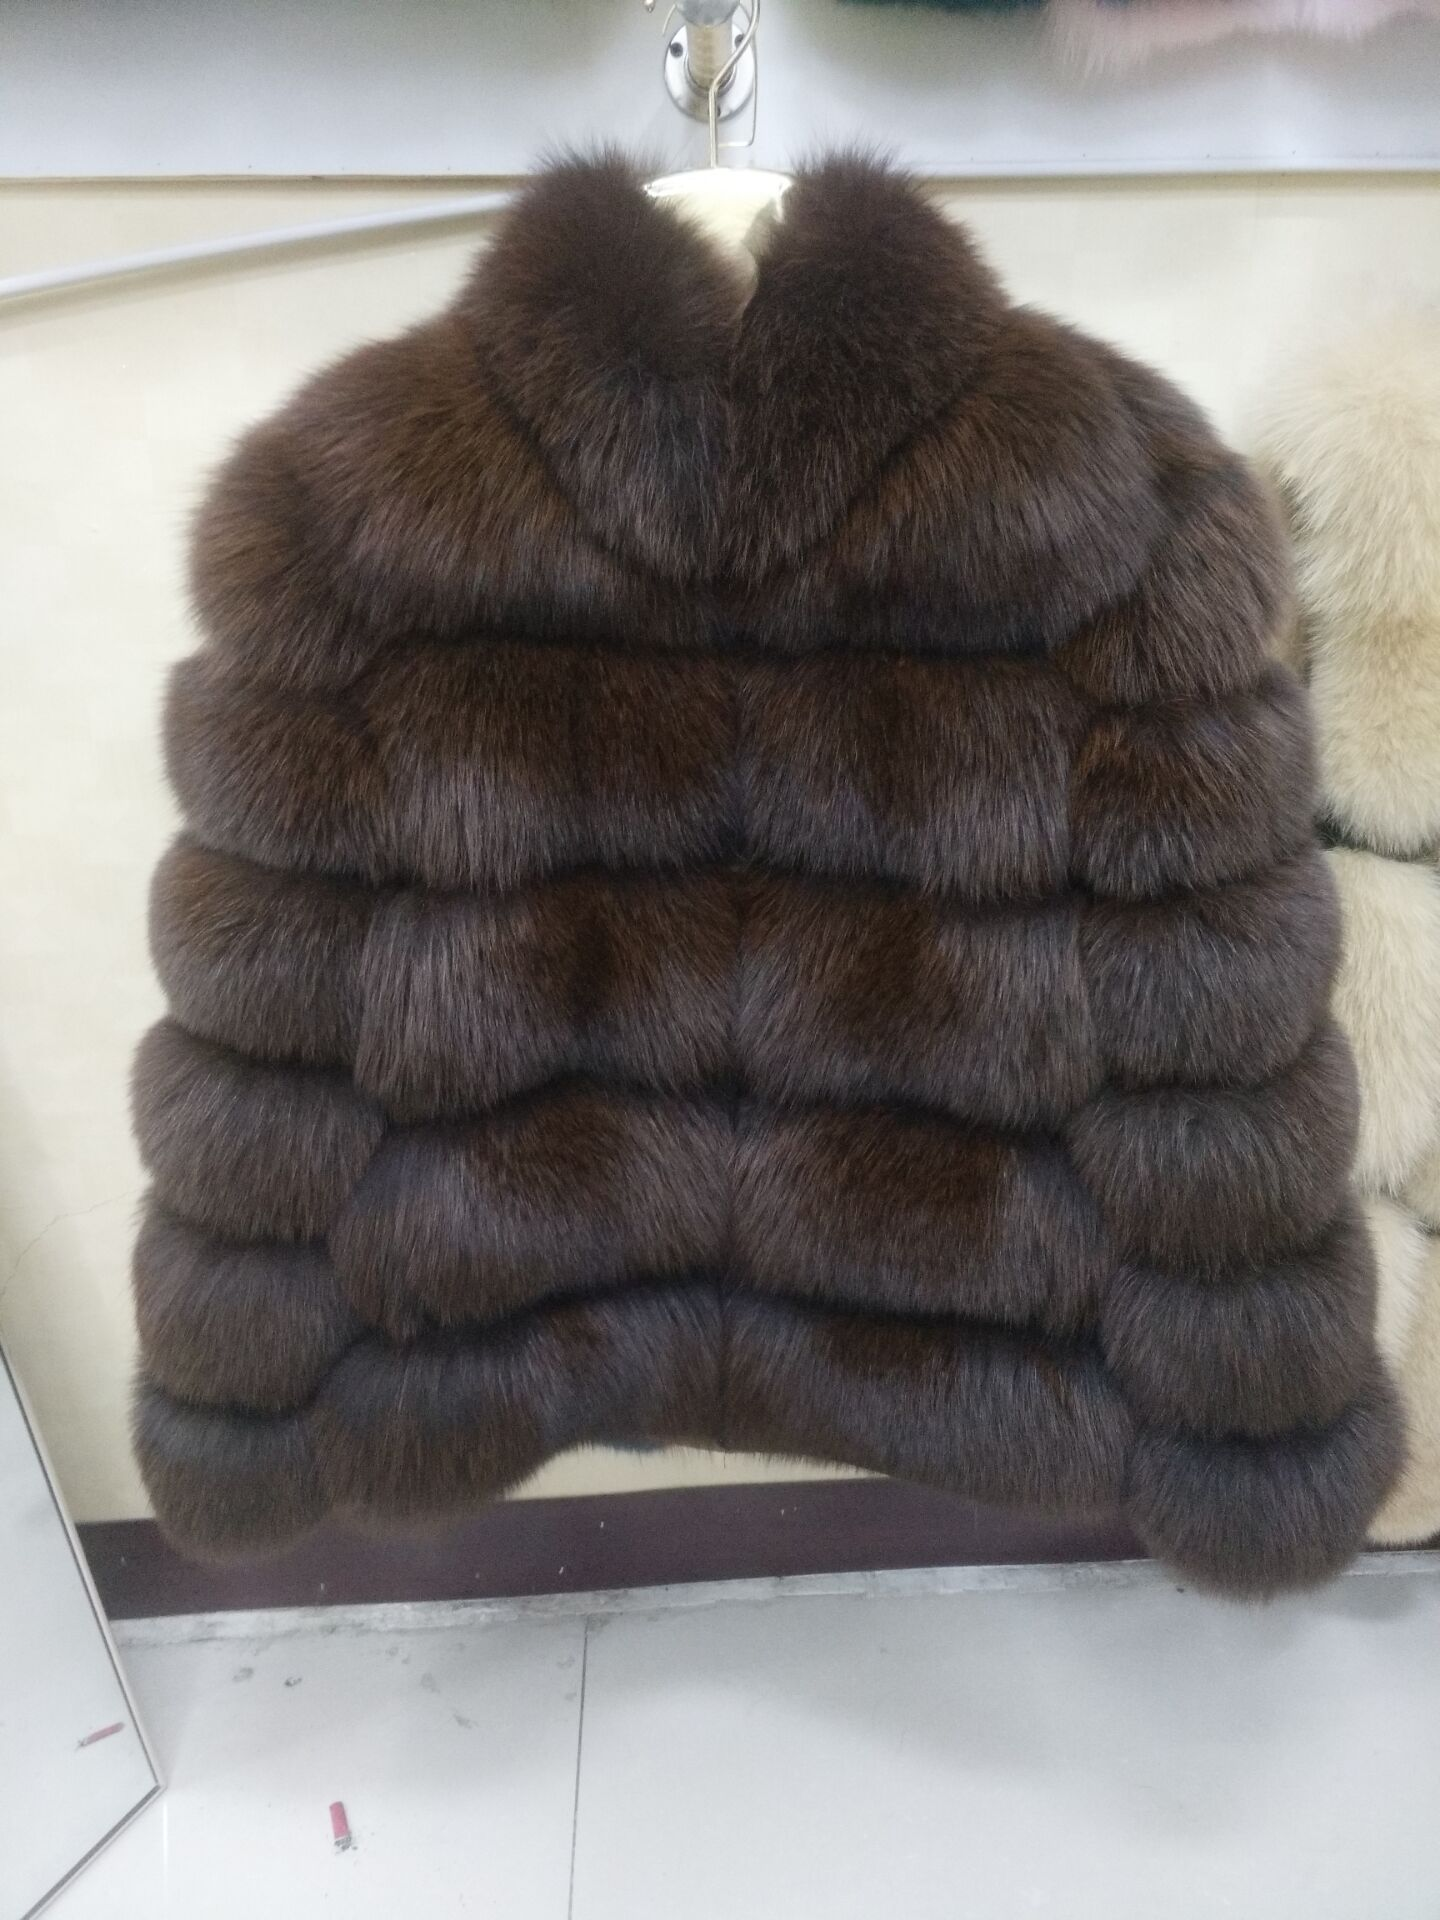 Volpe naturale cappotto di pelliccia reale della pelliccia di fox del rivestimento del bicchierino di modo di inverno caldo casual donna Europea di stile di strada-in Pellicce vere da Abbigliamento da donna su  Gruppo 1